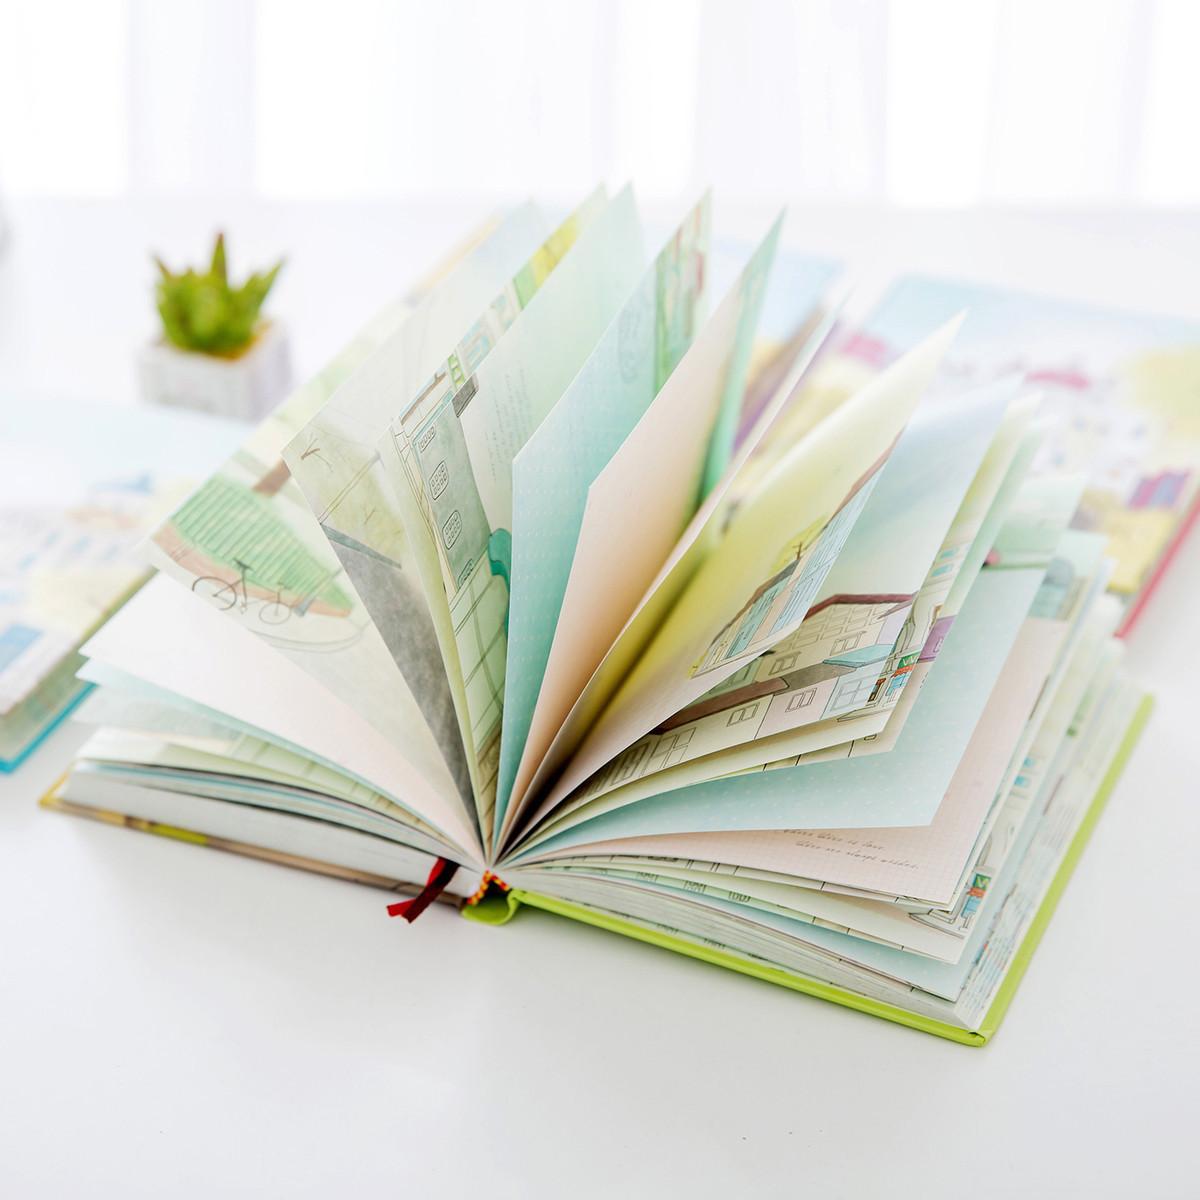 韩国创意文具精美笔记本小清新本子彩页插画日记本可爱手绘记事本